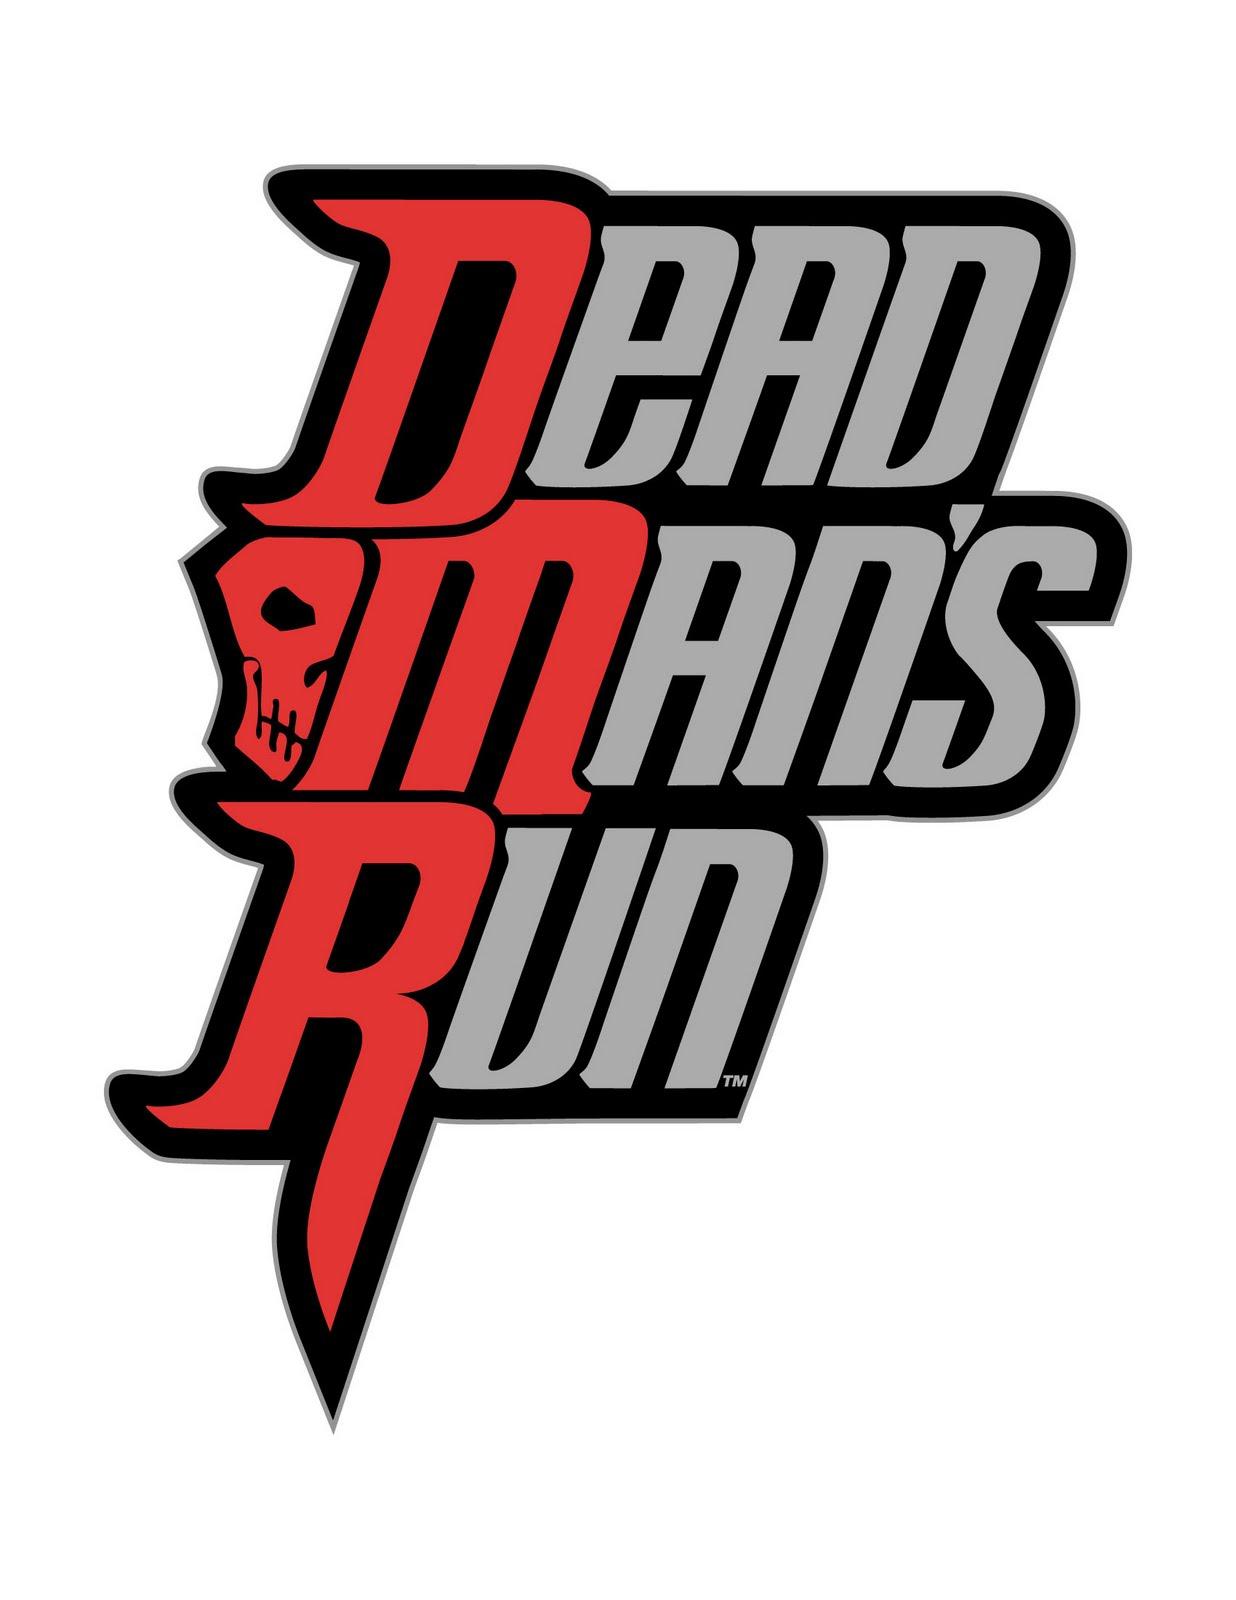 http://3.bp.blogspot.com/-xwiobUr75Hk/TiYQH-pTJ2I/AAAAAAAAQ_8/Rj3MLu_06HQ/s1600/DeadMansRun-07172011-logo.jpg